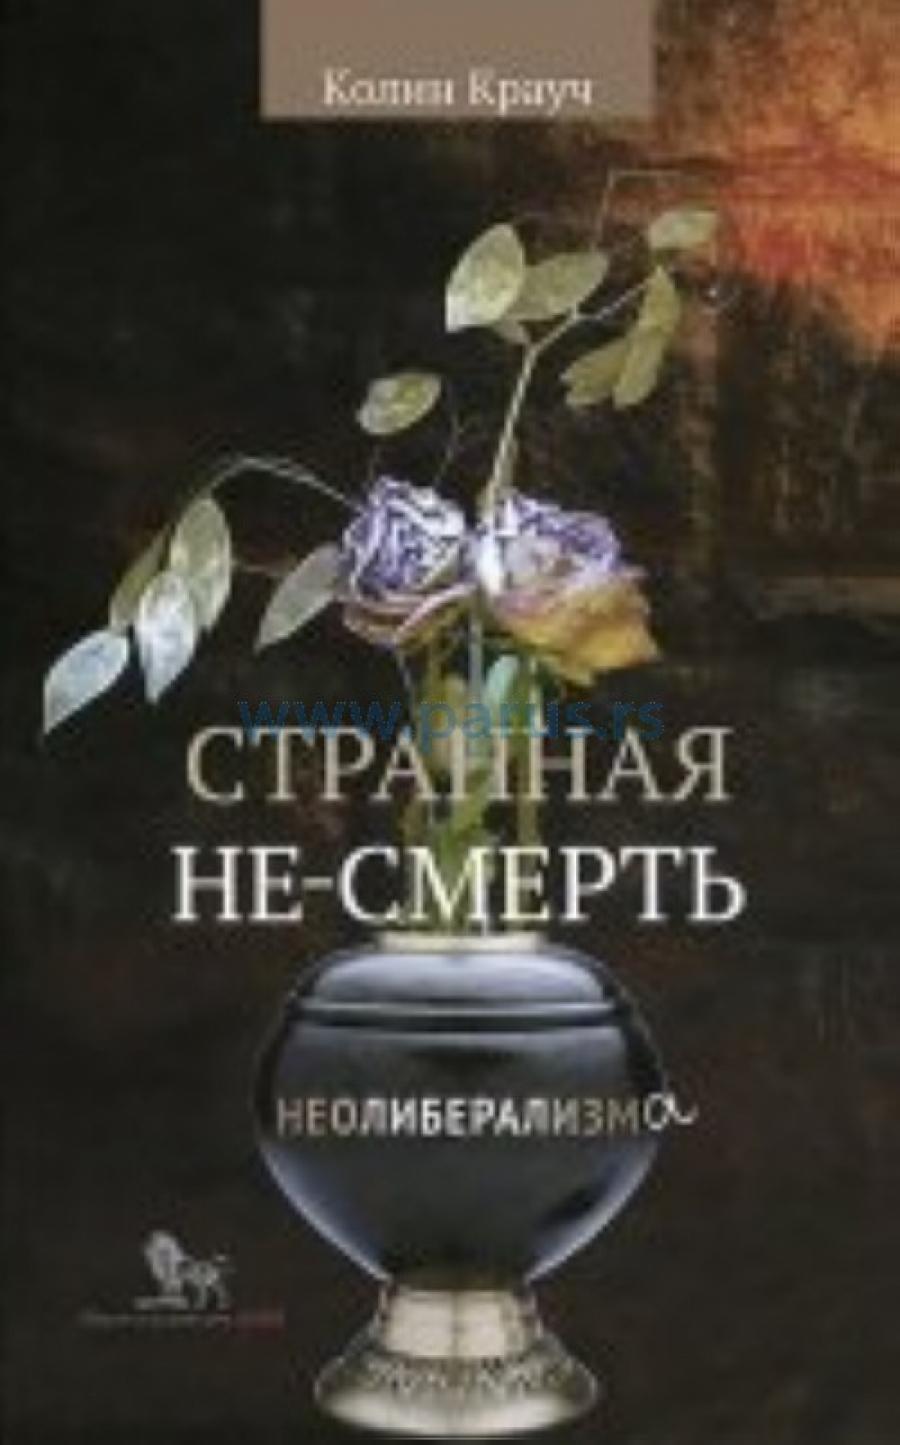 Обложка книги:  крауч к. - странная не-смерть неолиберализма